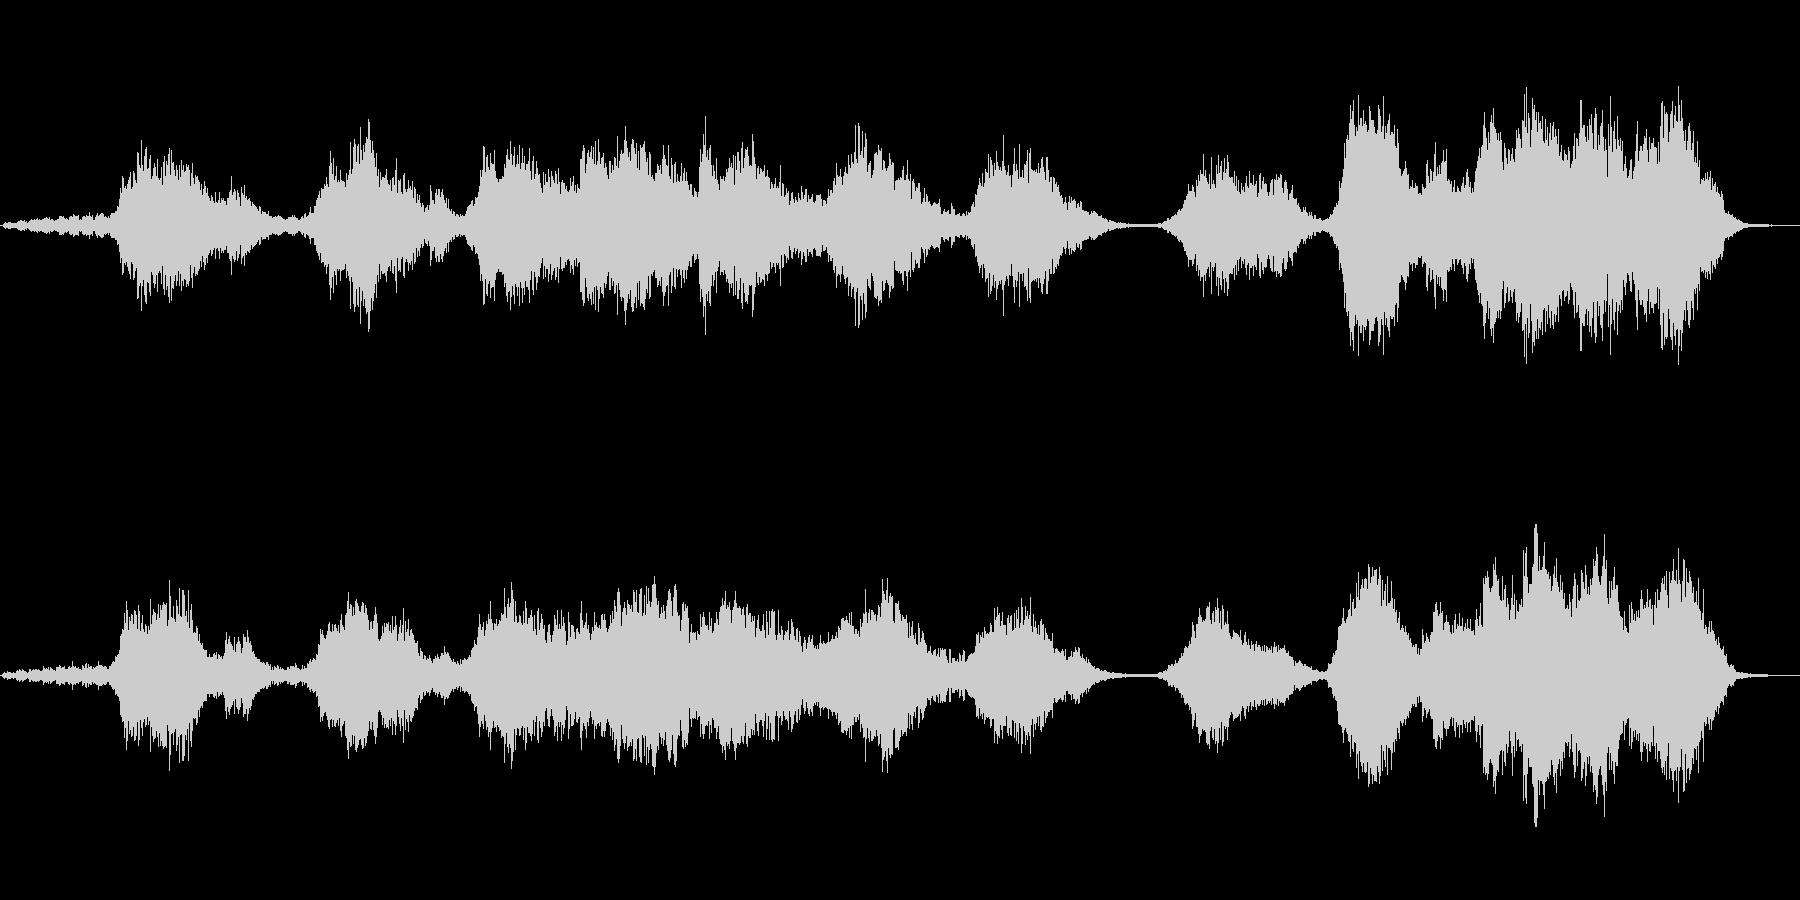 水をイメージしたシンセサイザー音楽の未再生の波形